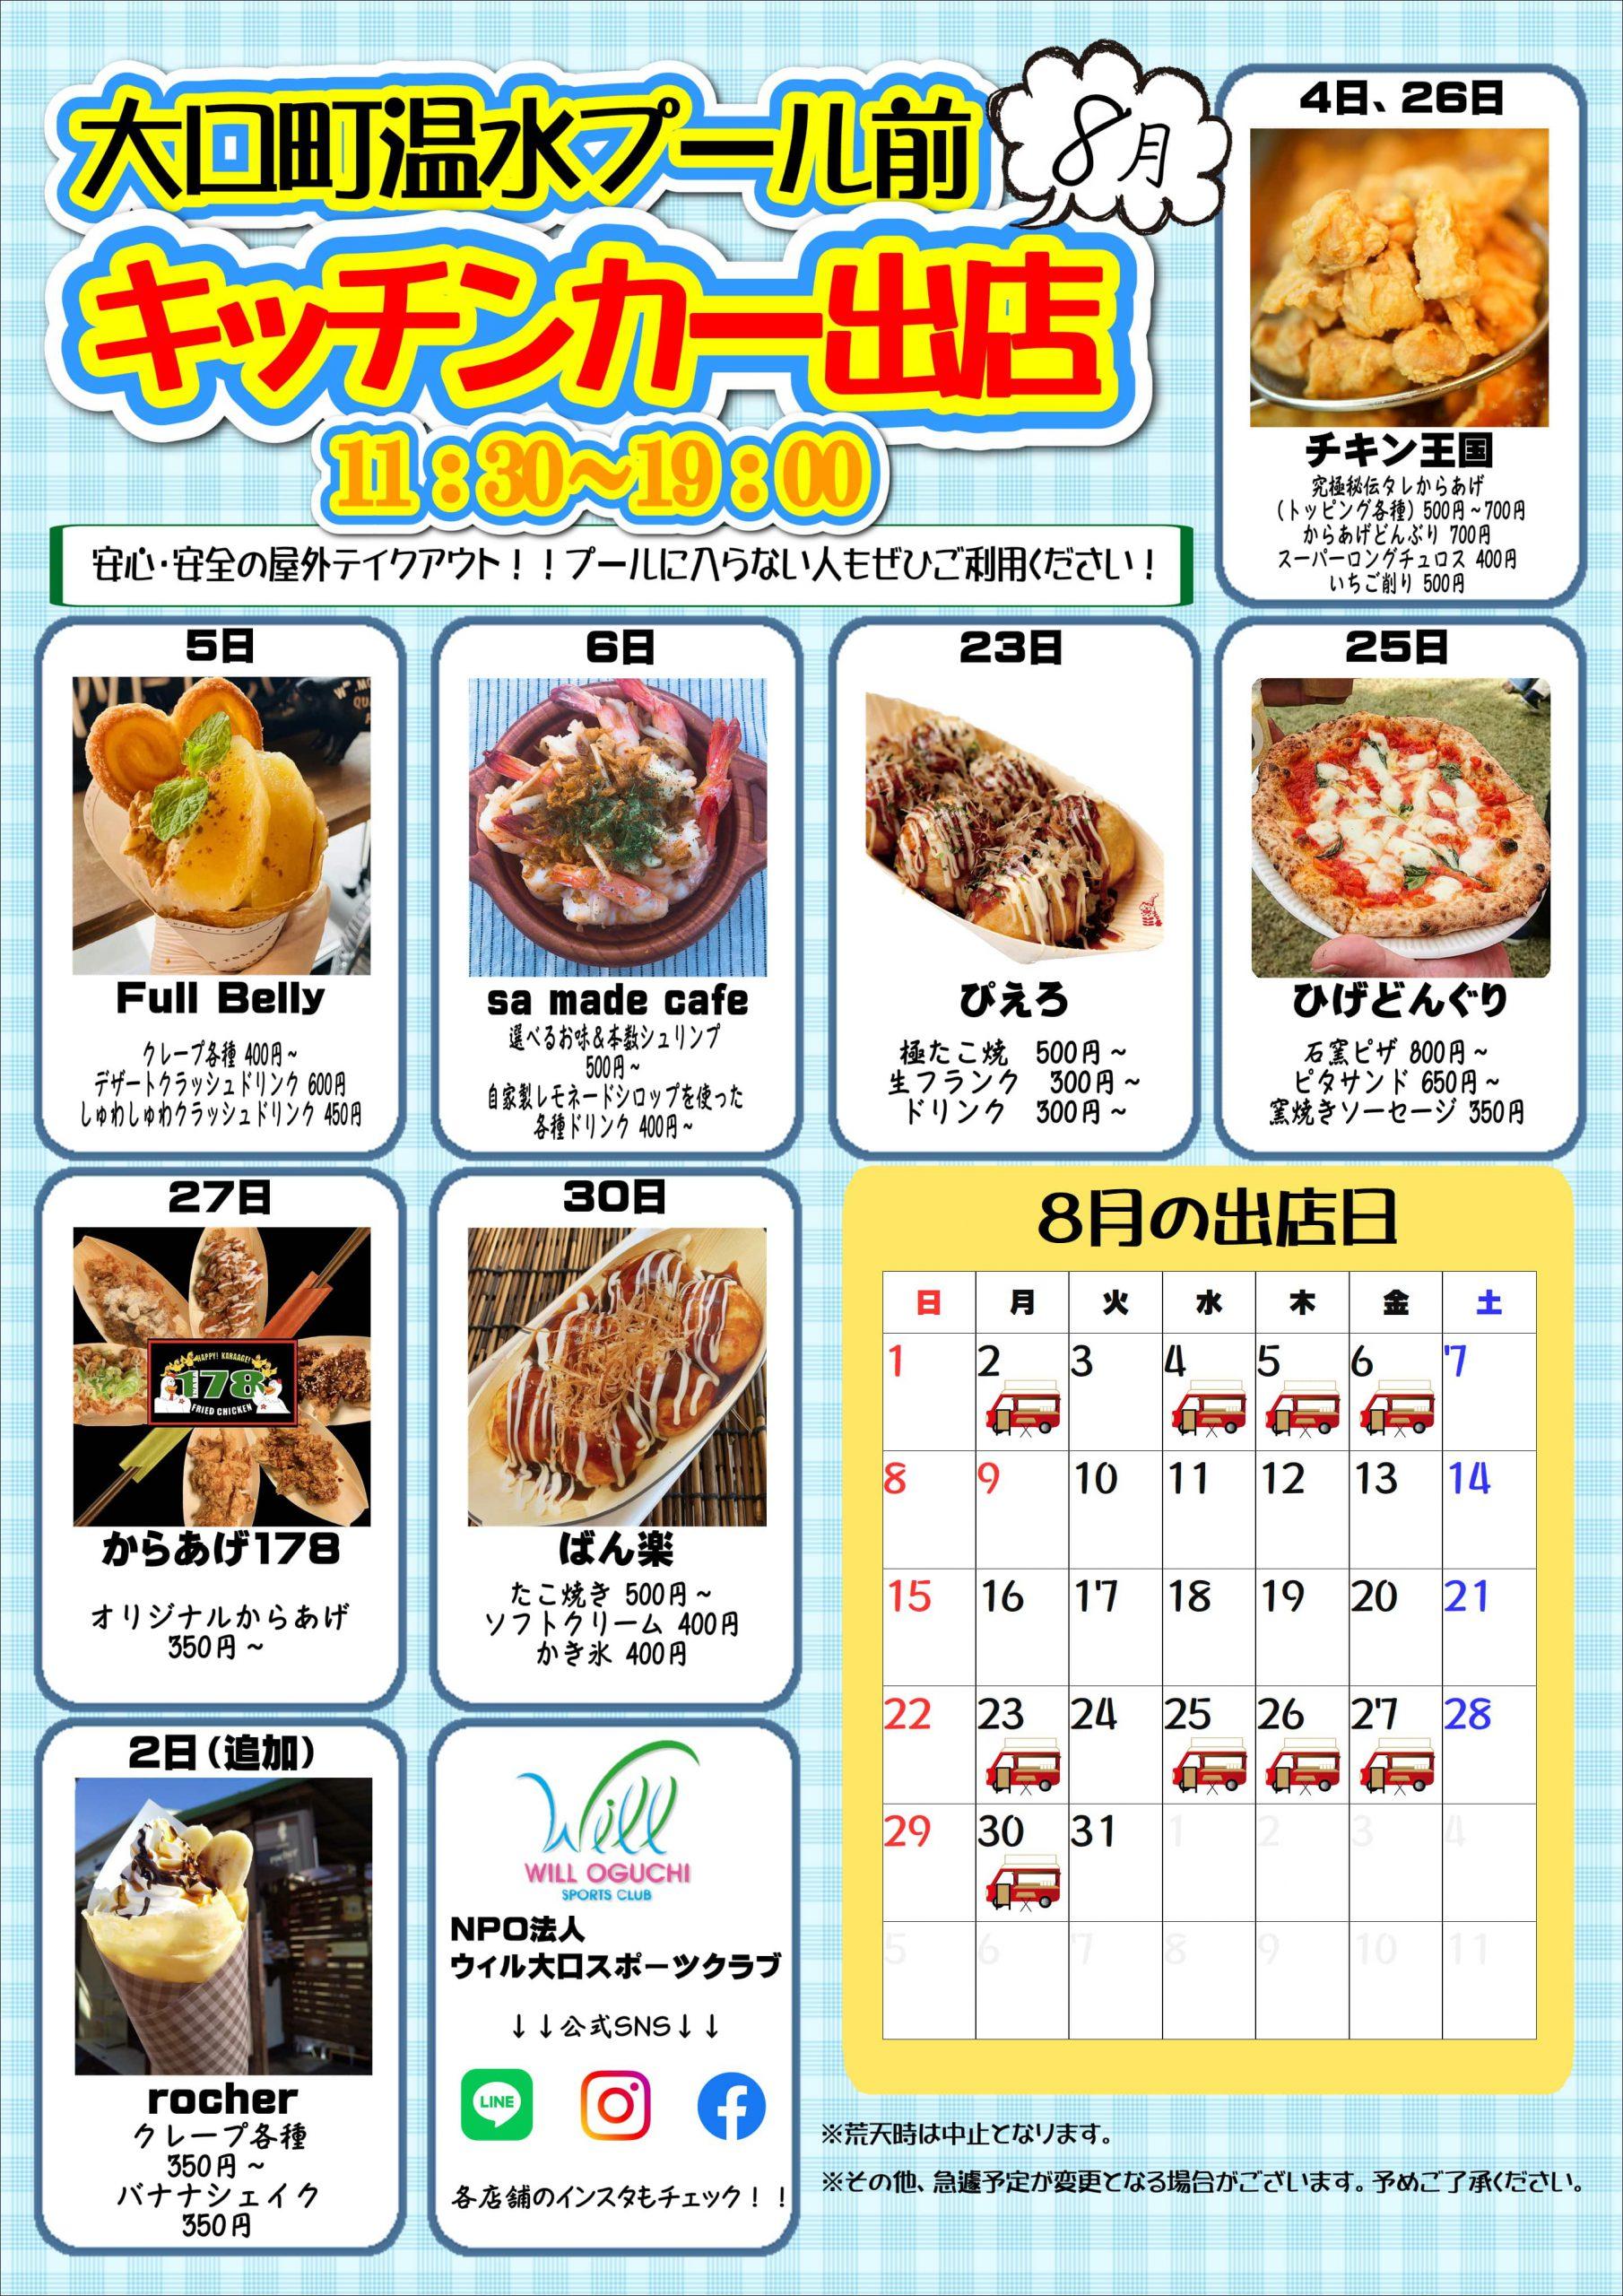 【お知らせ】9月のキッチンカー中止について